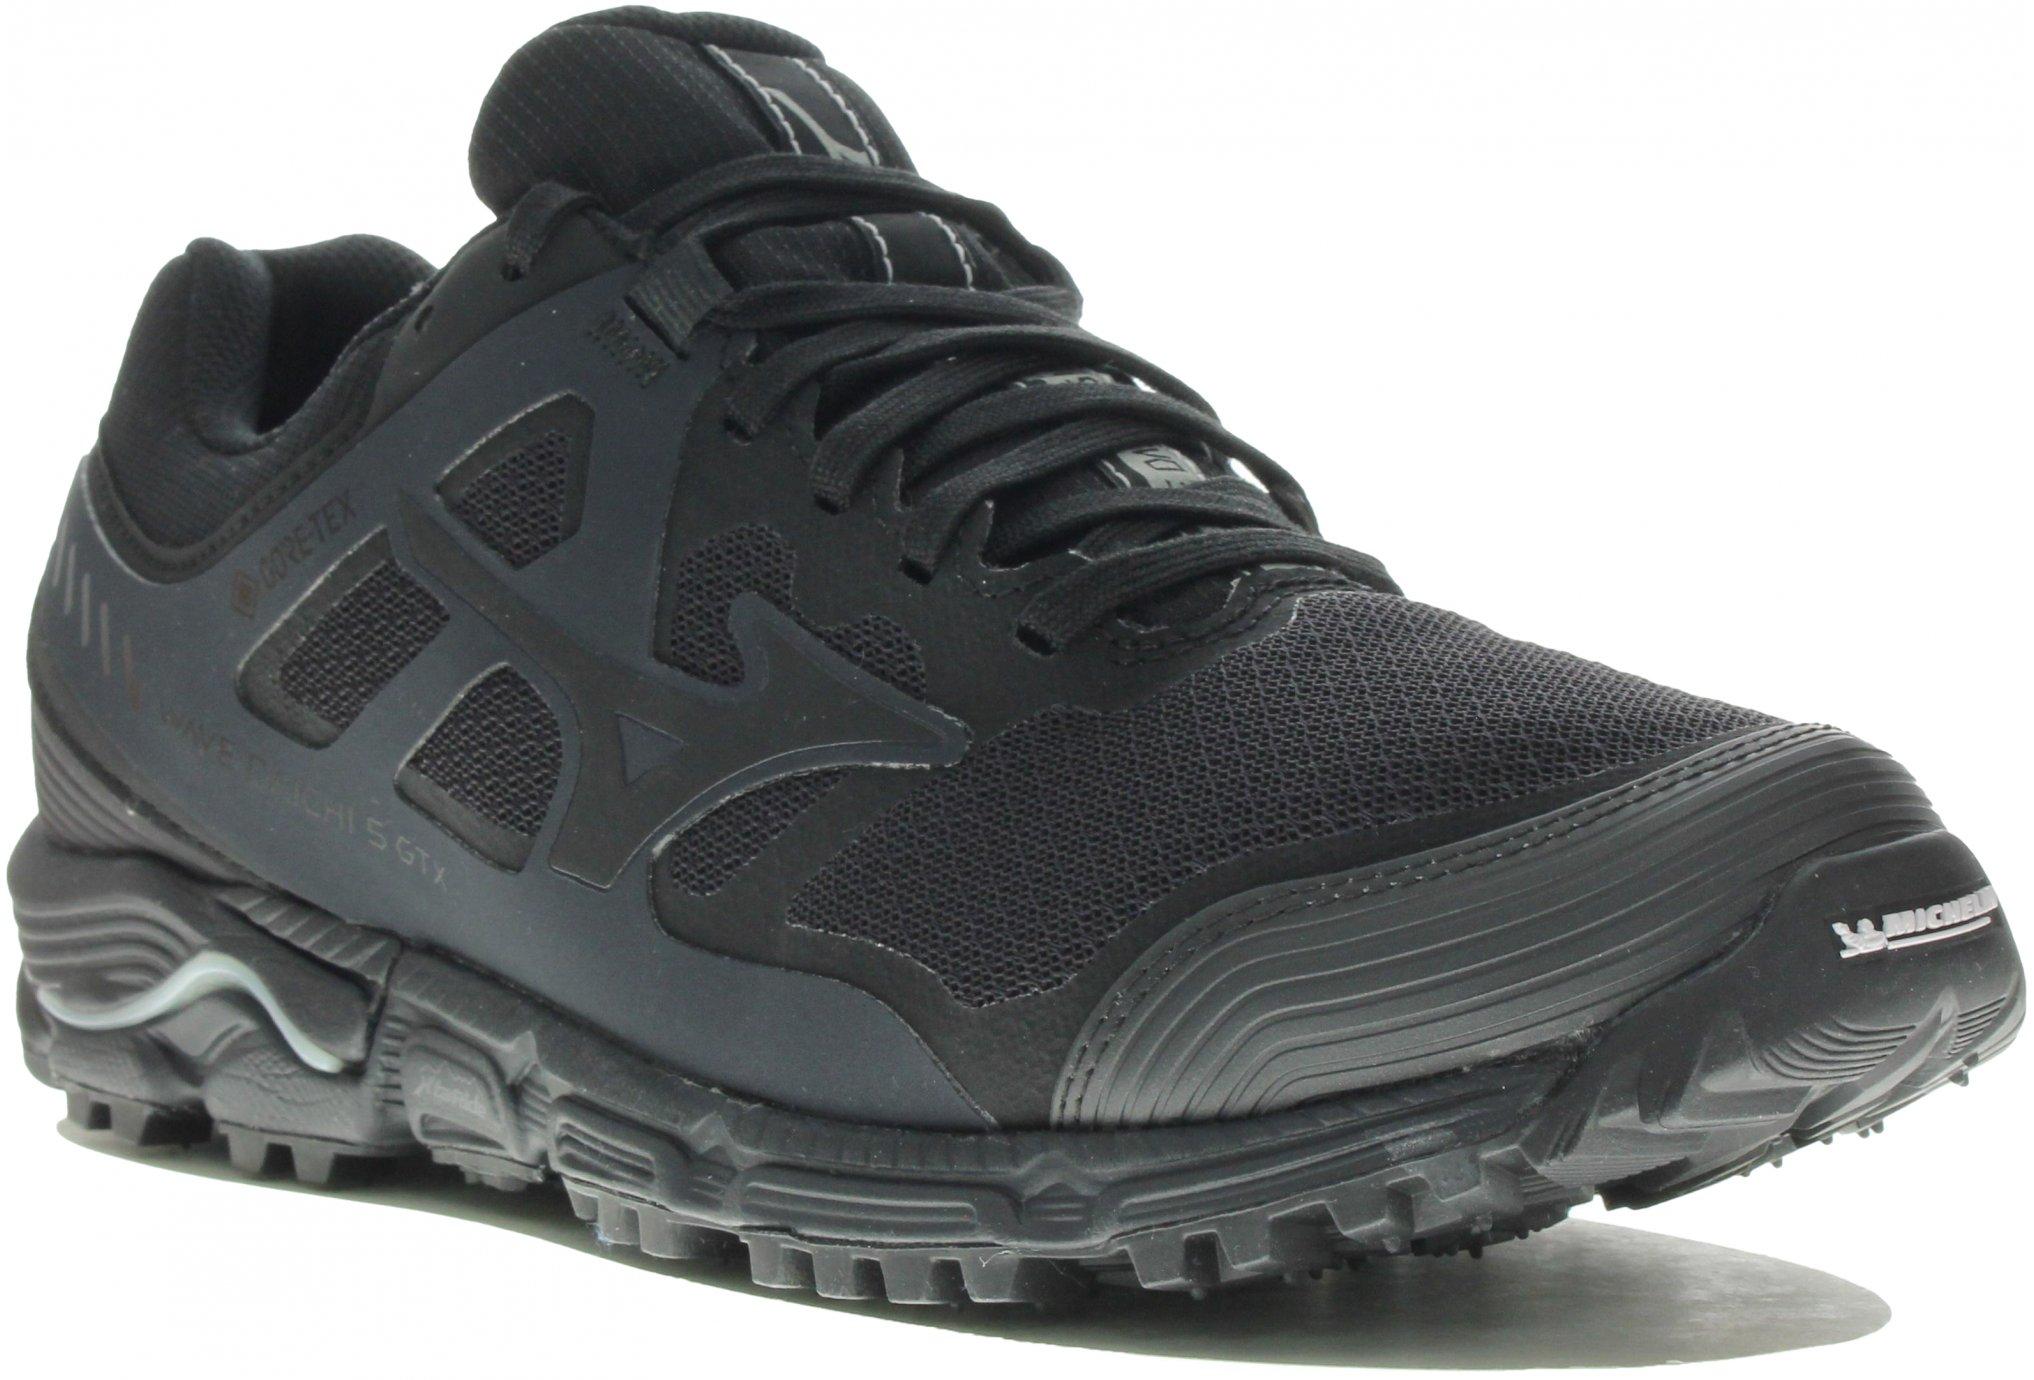 Mizuno Wave Daichi 5 Gore-Tex Chaussures homme